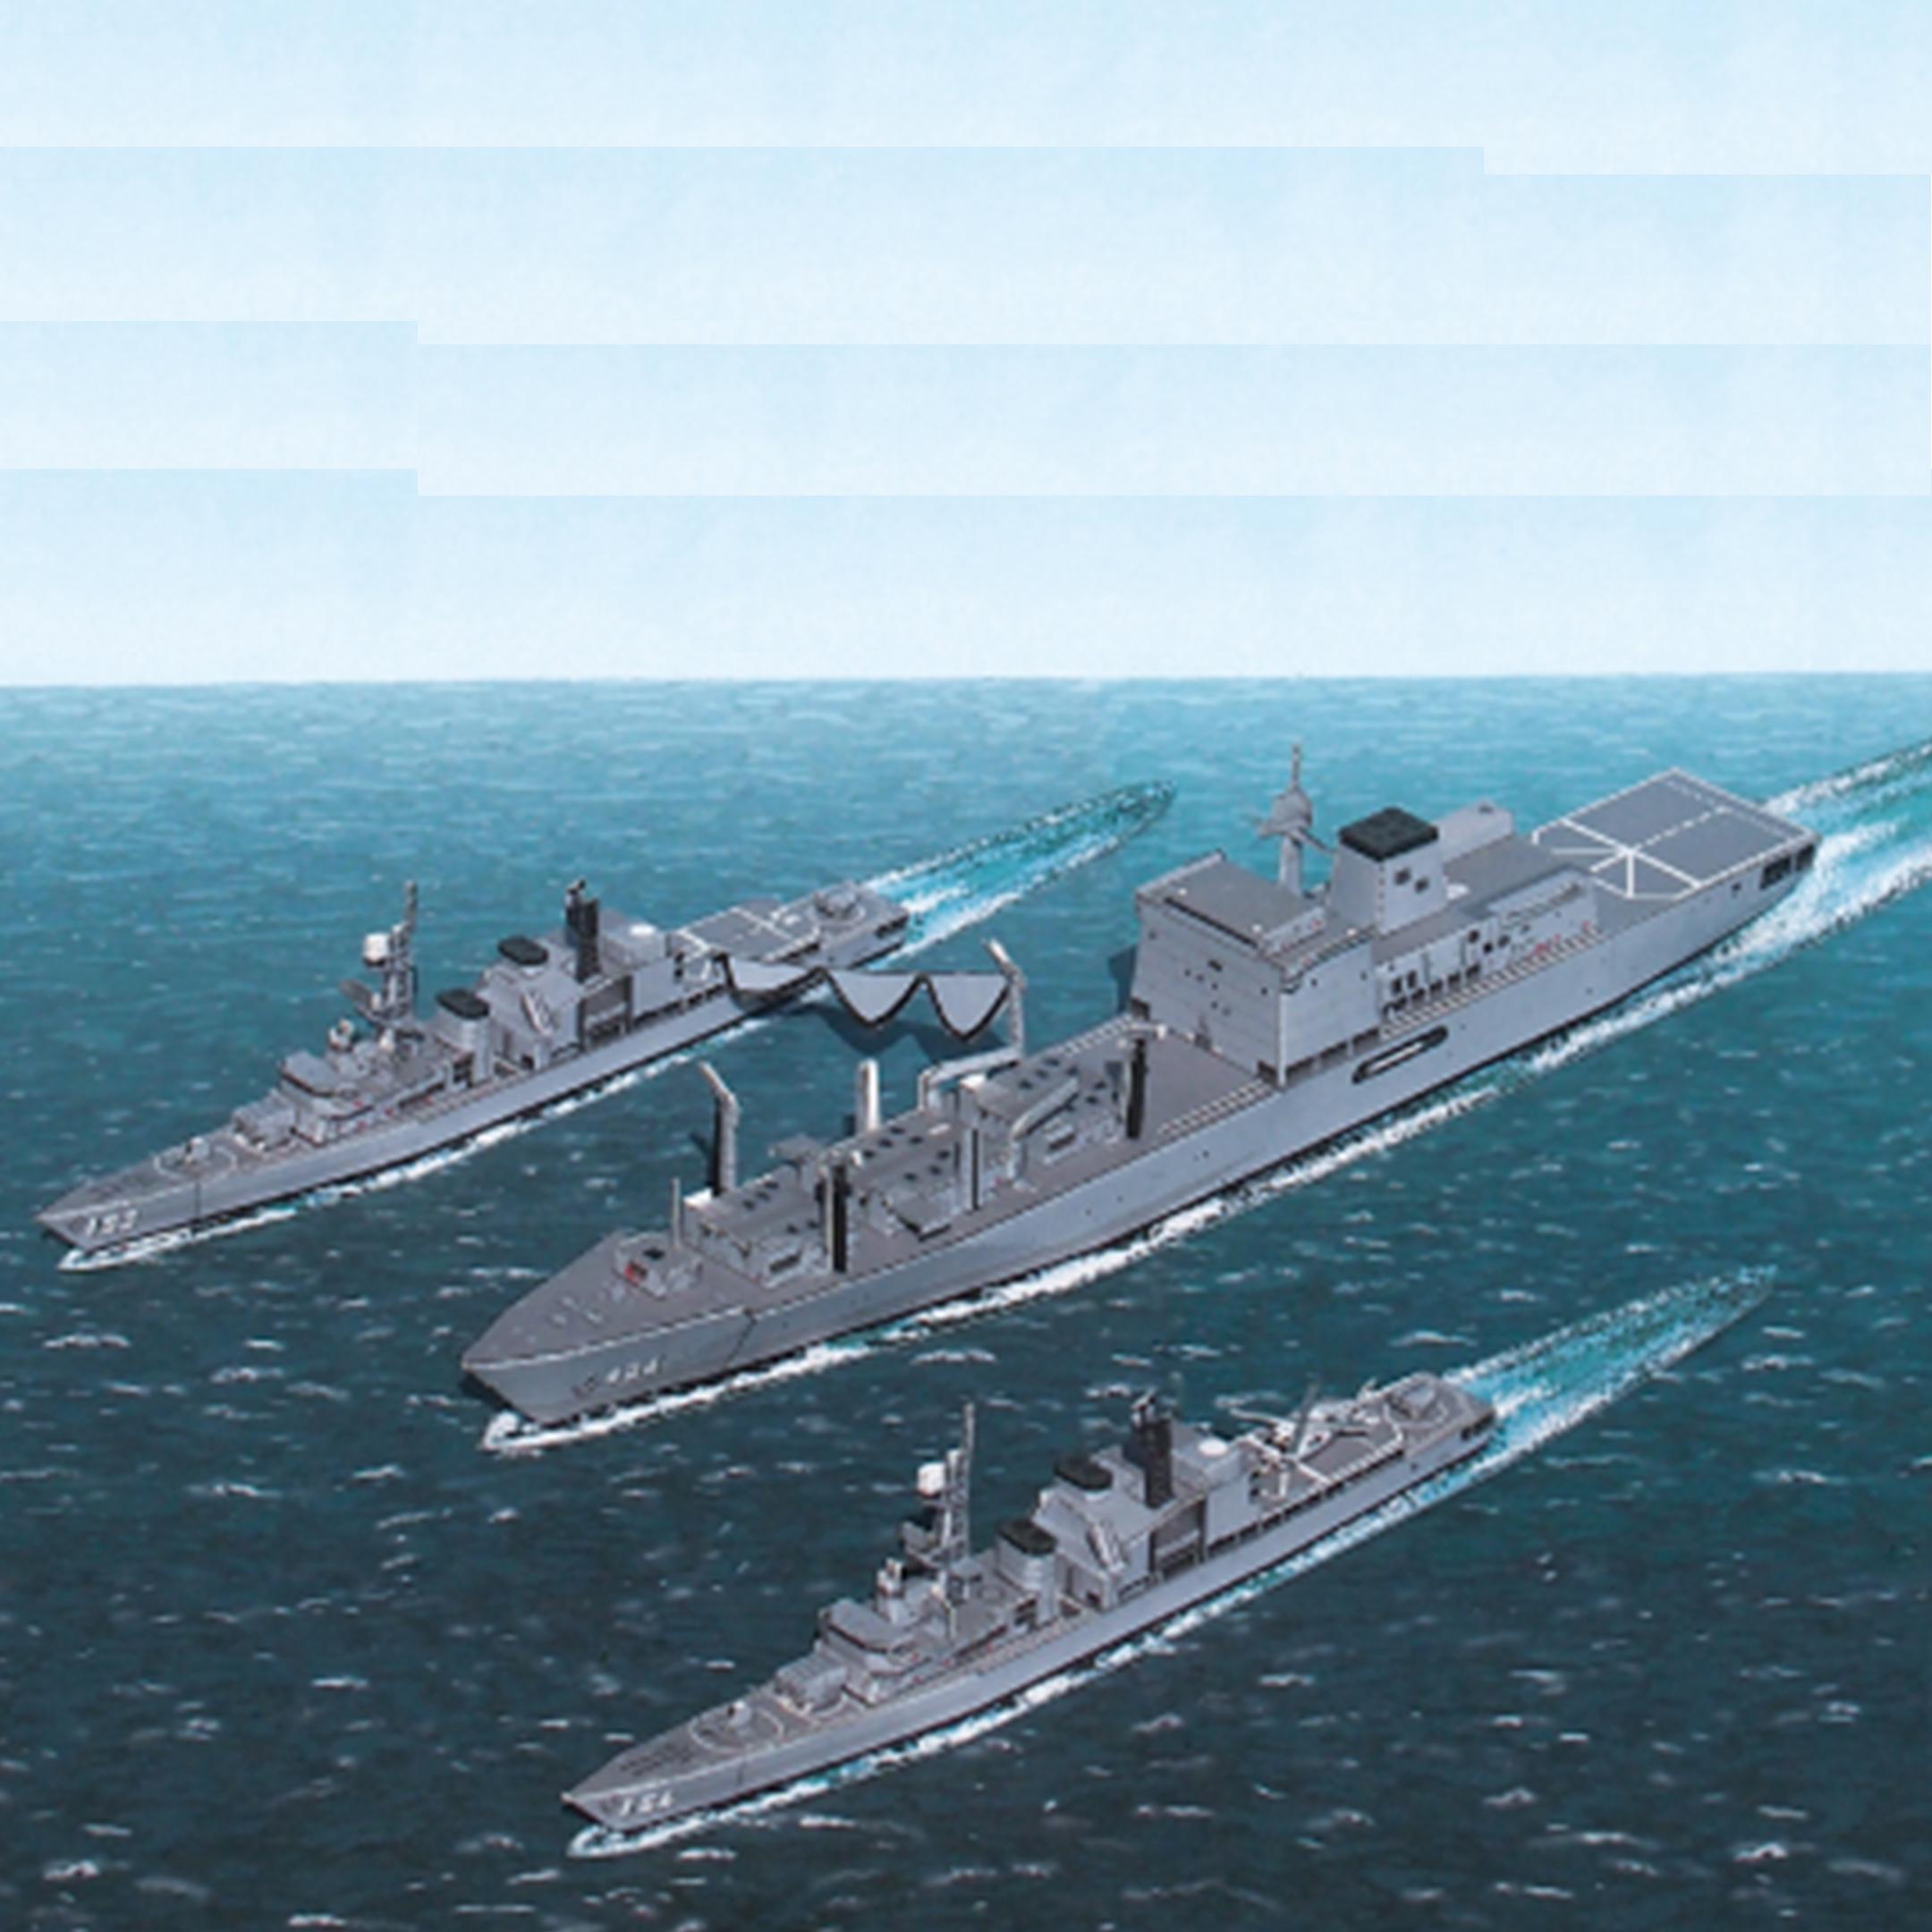 海上自衛隊の艦隊防空の要である汎用護衛艦 あさぎり型 を1 900スケールでペーパークラフトキットにしました 夏休みの自由研究や父の日の工作キットギフトにも最適です 出荷 送料無料 ファセット ペーパークラフト 海上自衛隊 艦隊防空 メール便発送 A4サイズ 日本製 900 1 パイングローバル PineGlobal 代引き不可 汎用護衛艦あさぎり型 代引き未対応